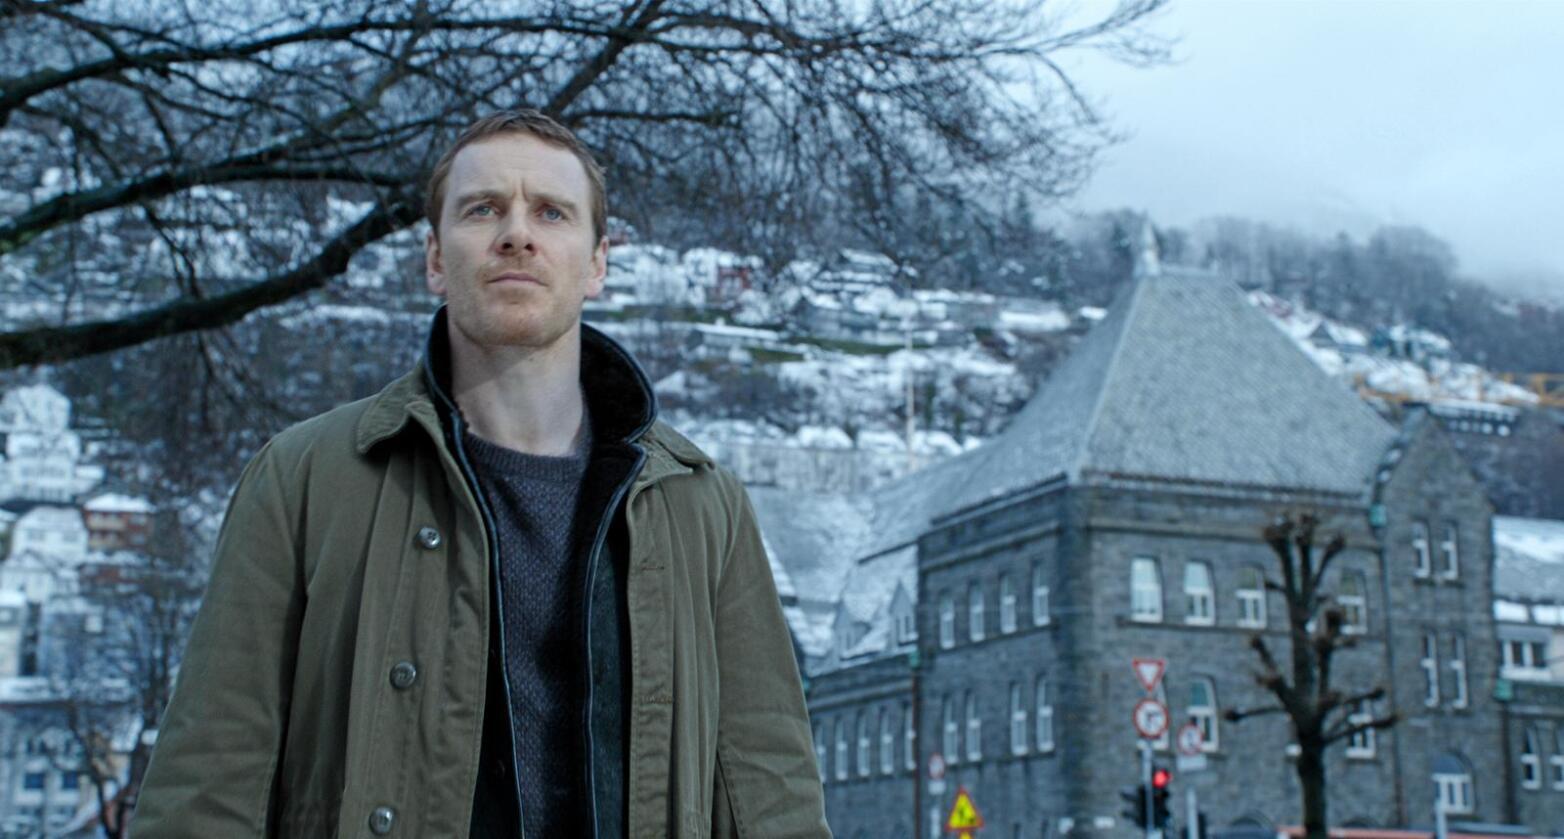 Lokale inntekter: Filmen Snømannen, med Michael Fassbender i rolla som Harry Hole, vart spela inn mellom anna i Rjukan i Telemark. Det tyder inntekter også for det lokale næringslivet. Foto: Universal Pictures